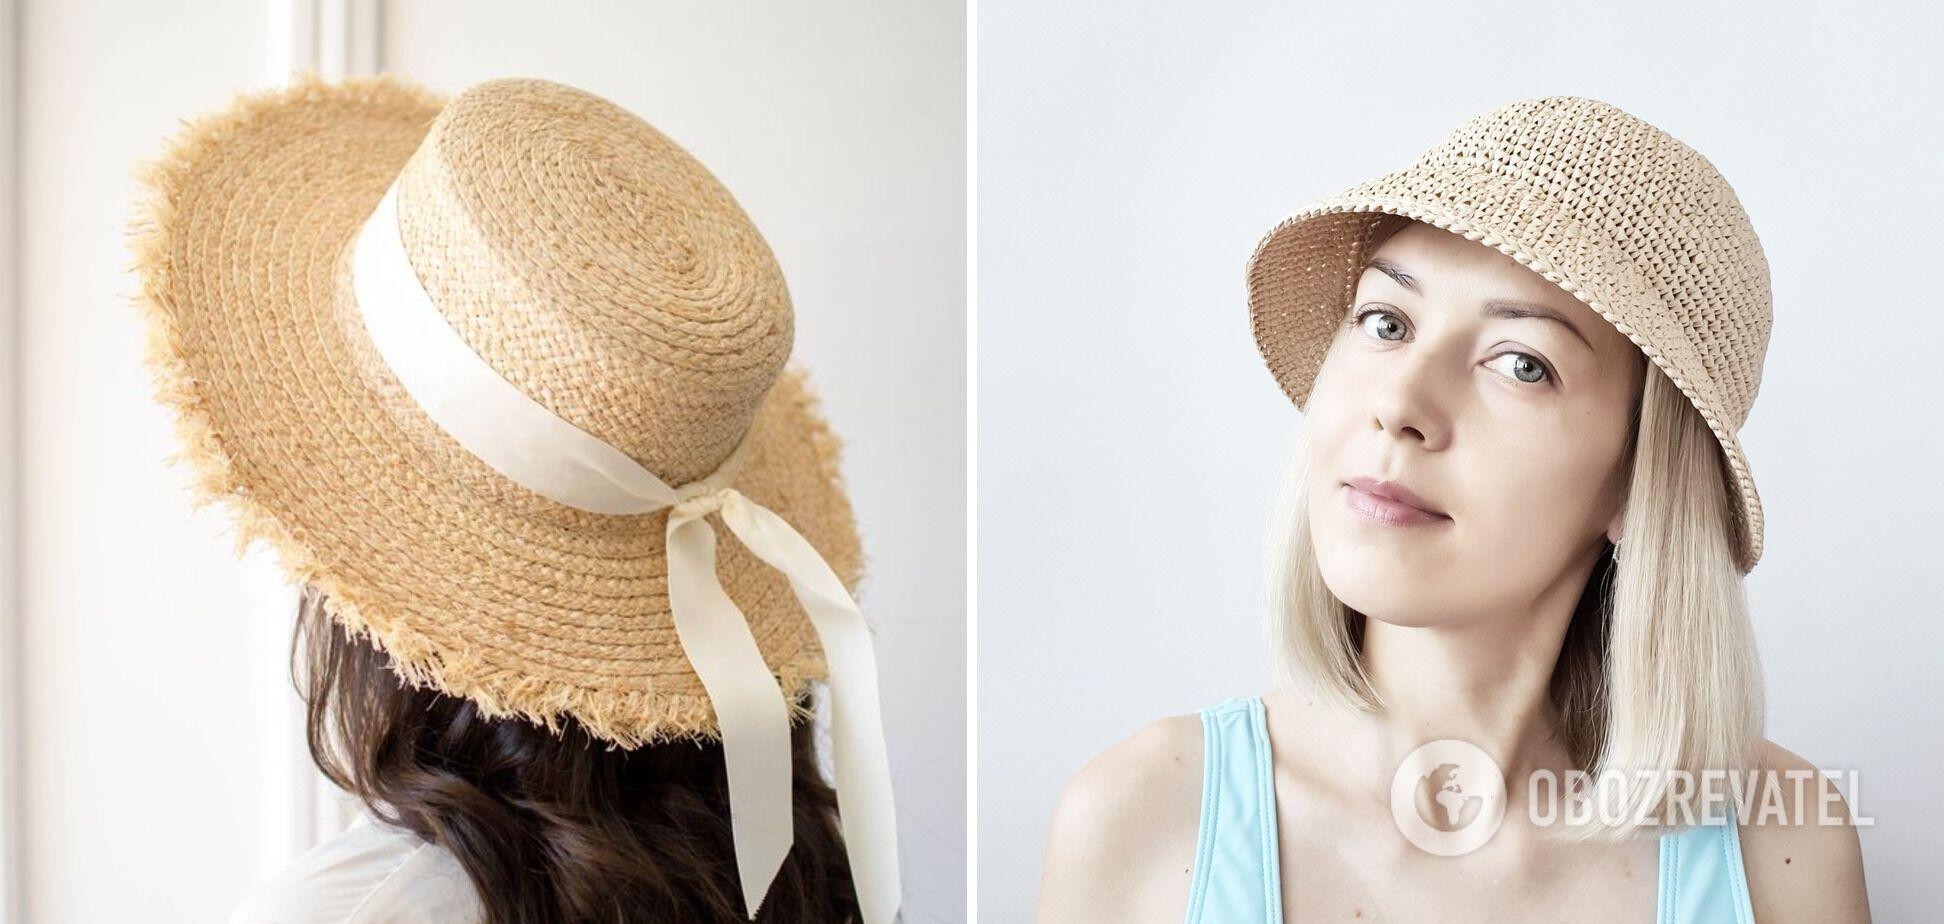 Важно не забыть шляпу в отпуск.